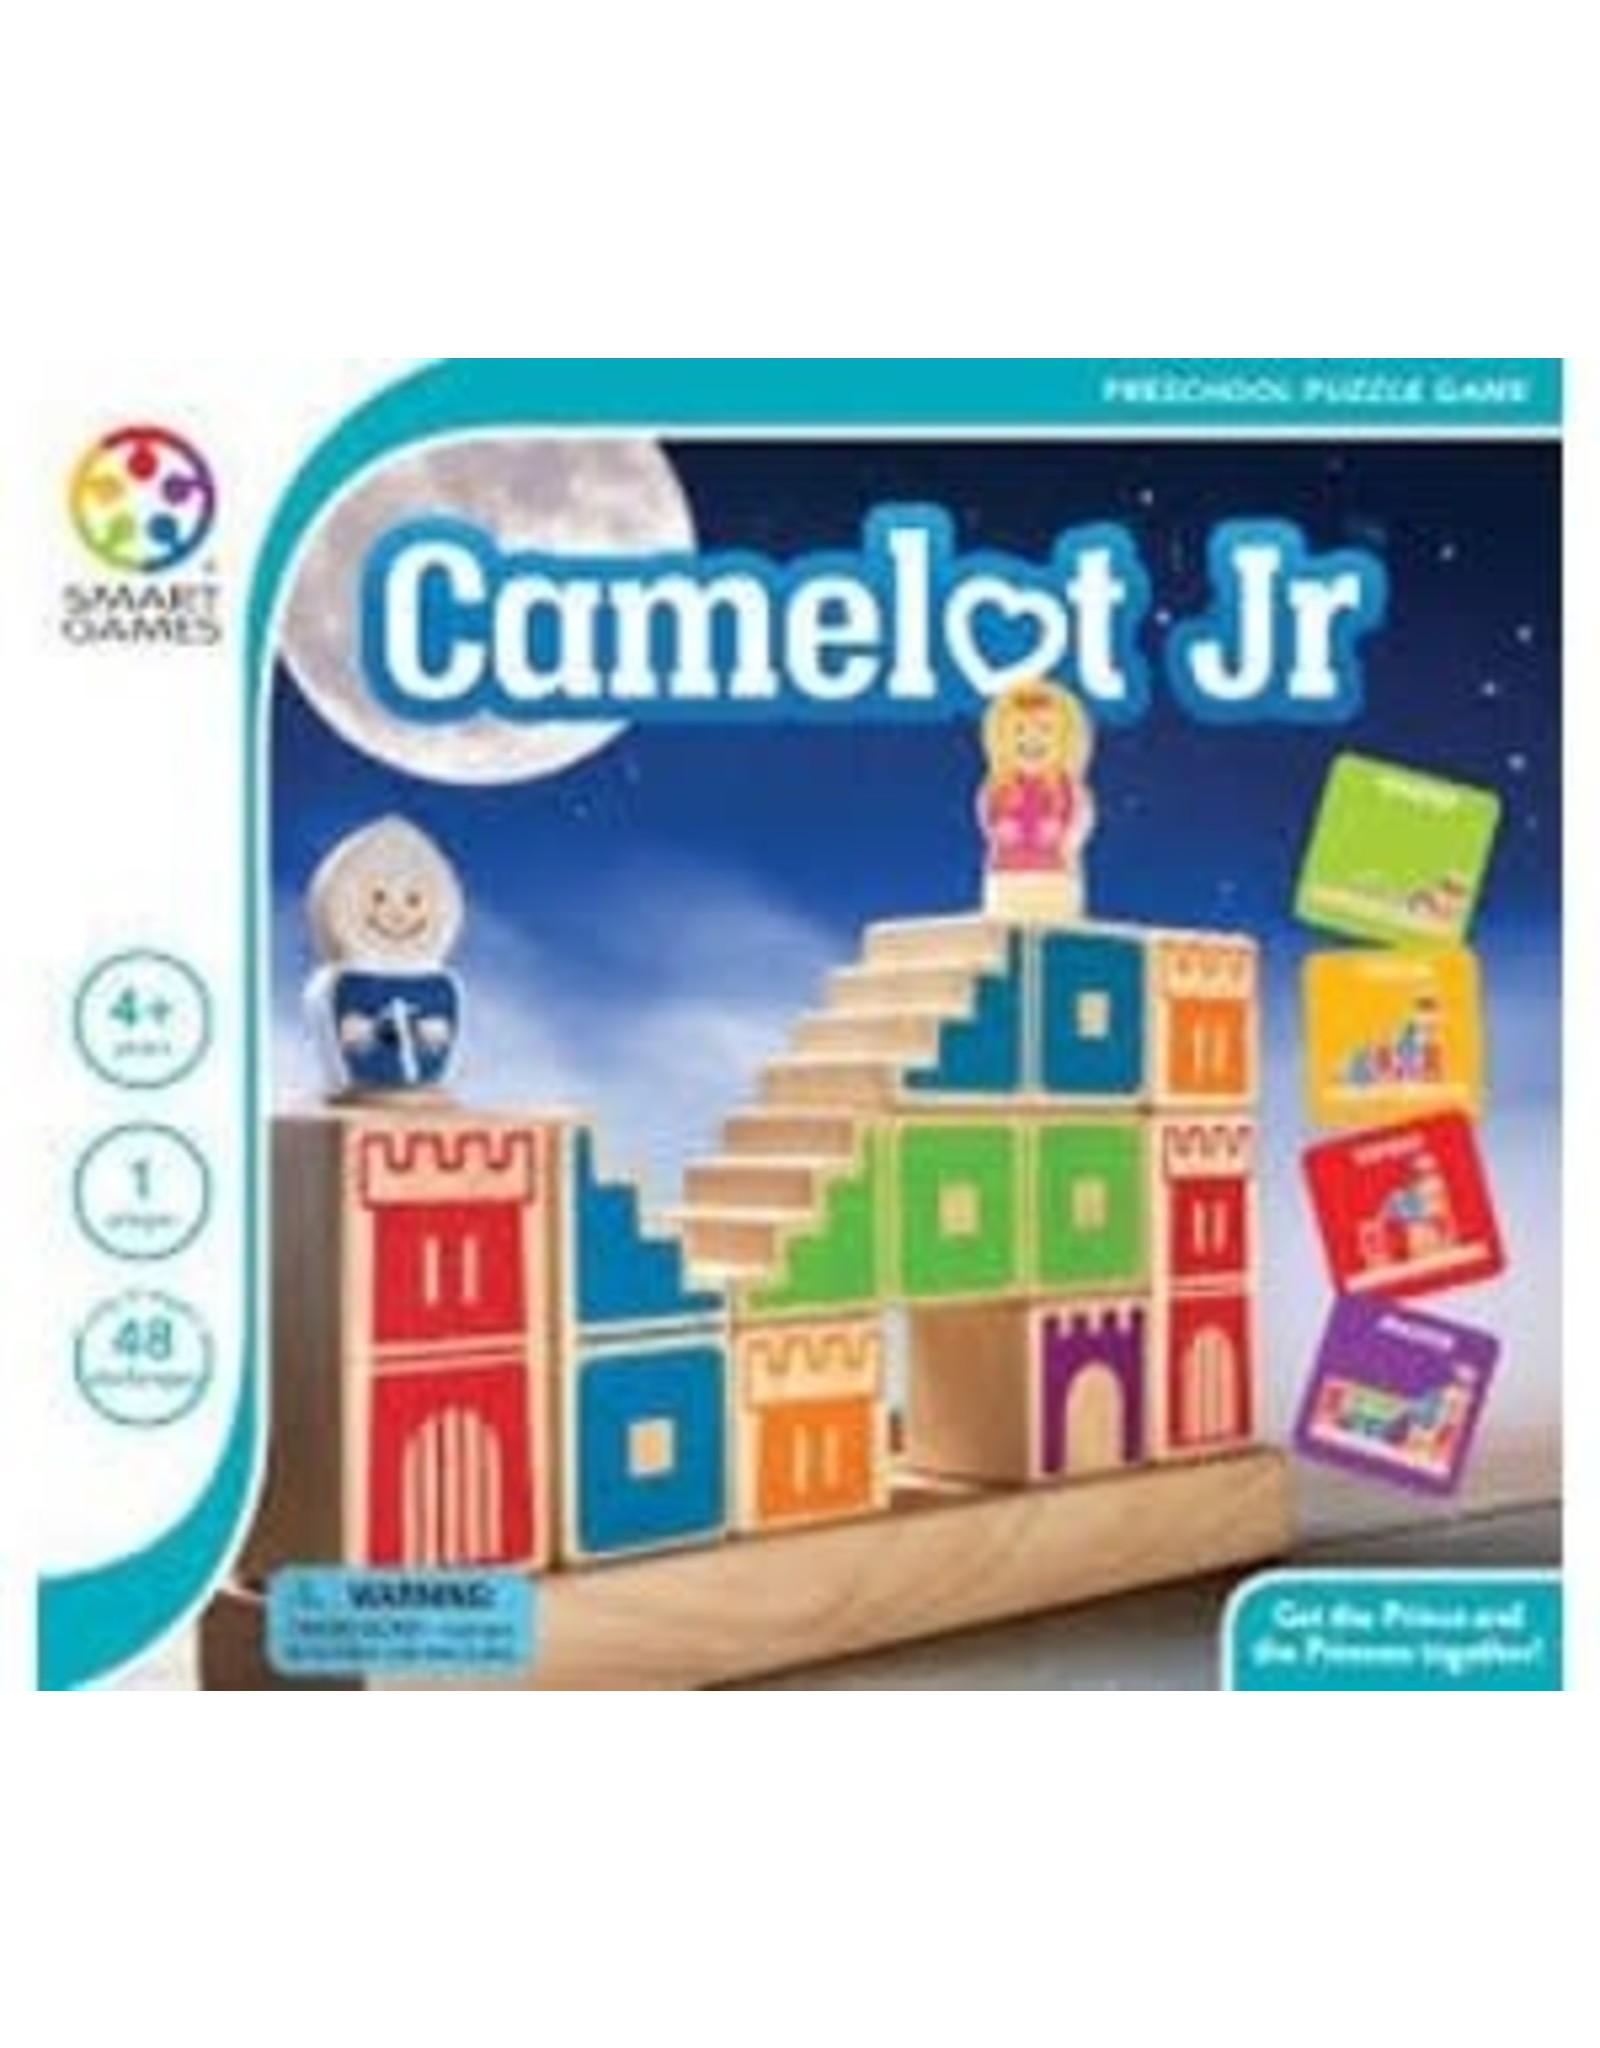 Smart Games Camelot Jr. - Smart Games